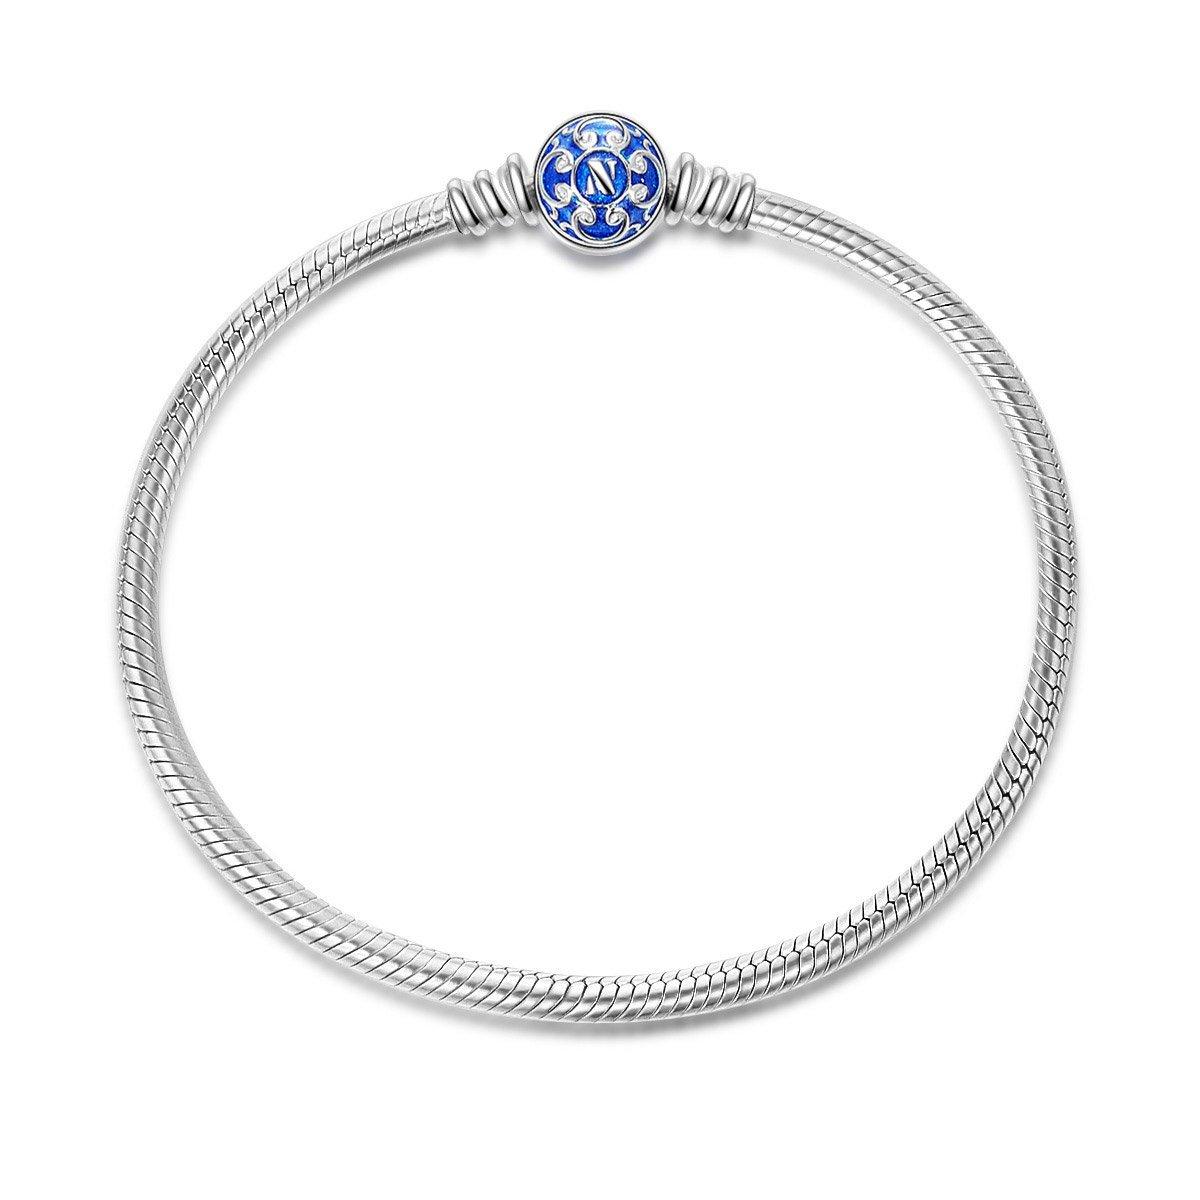 NINAQUEEN Charms Bracelet pour femme argent 925 Bleu 17cm, Livré dans Une Boîte Cadeau Bijoux, Test Sgs Passé sans Nickel, sans Allergène NQB5350BB17-XJ